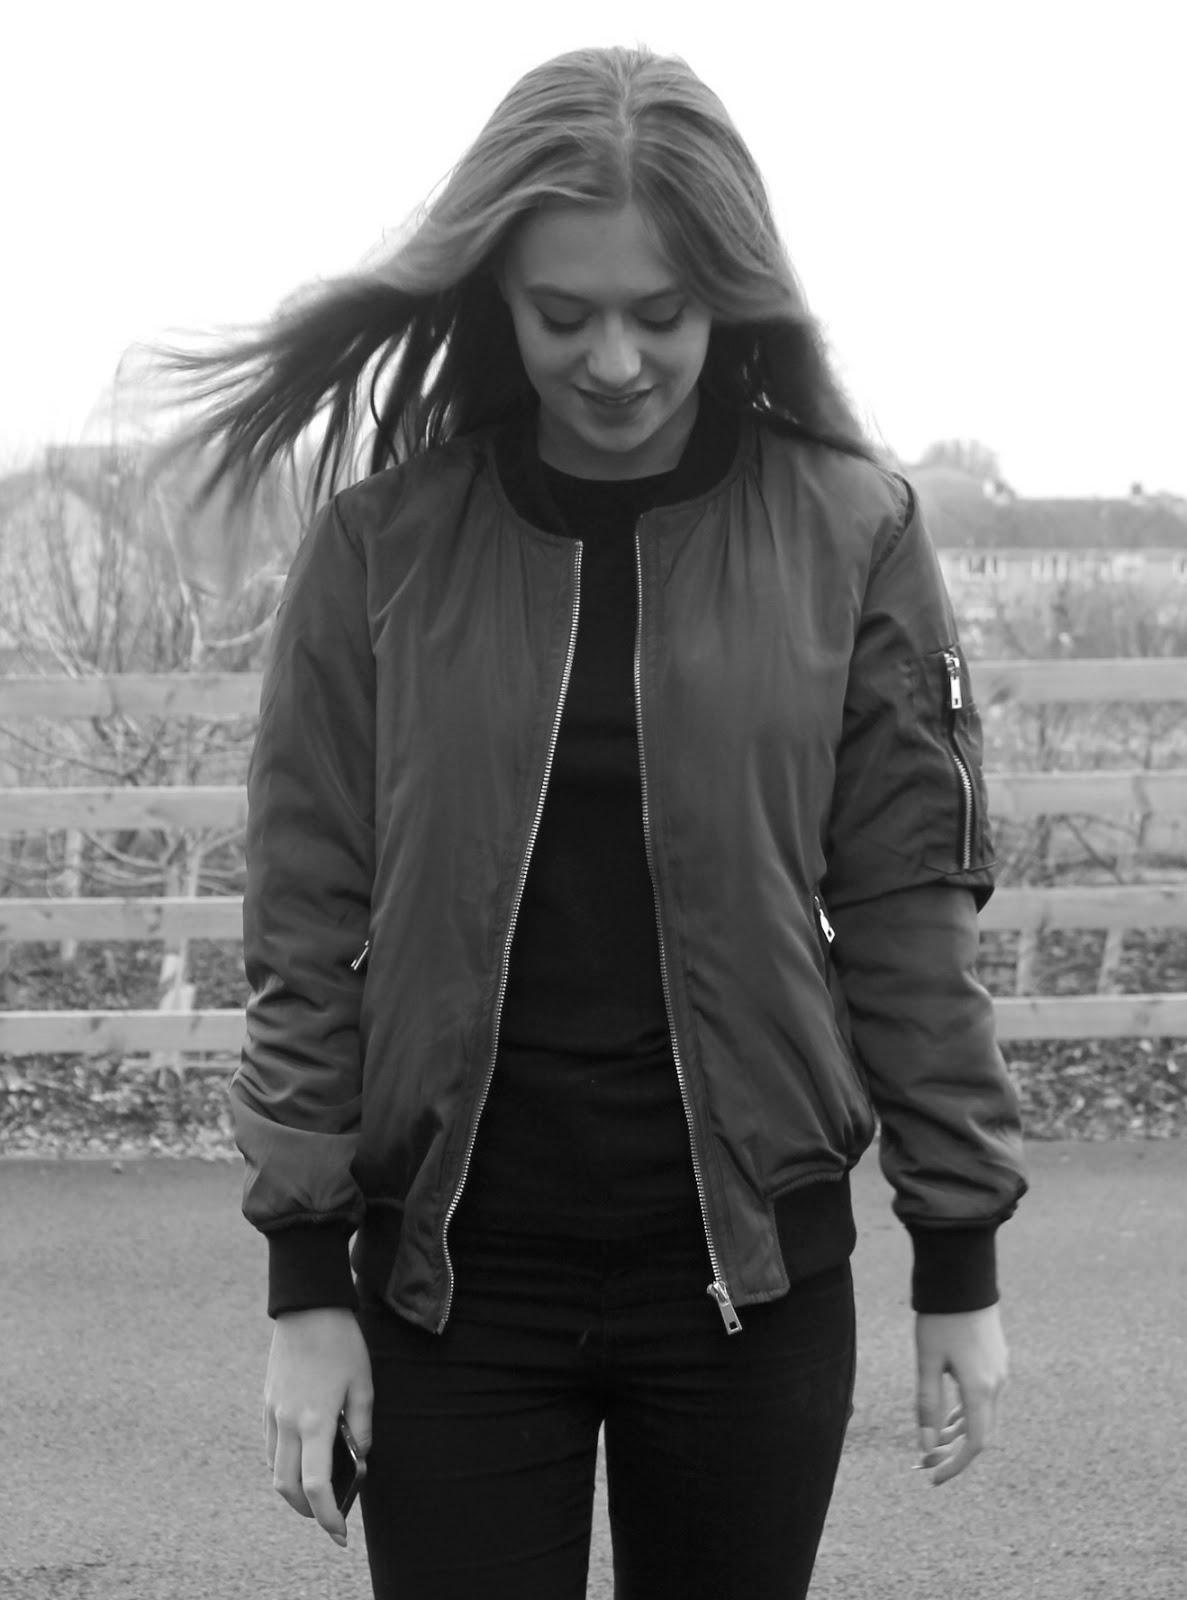 LAUREN, 17, UK